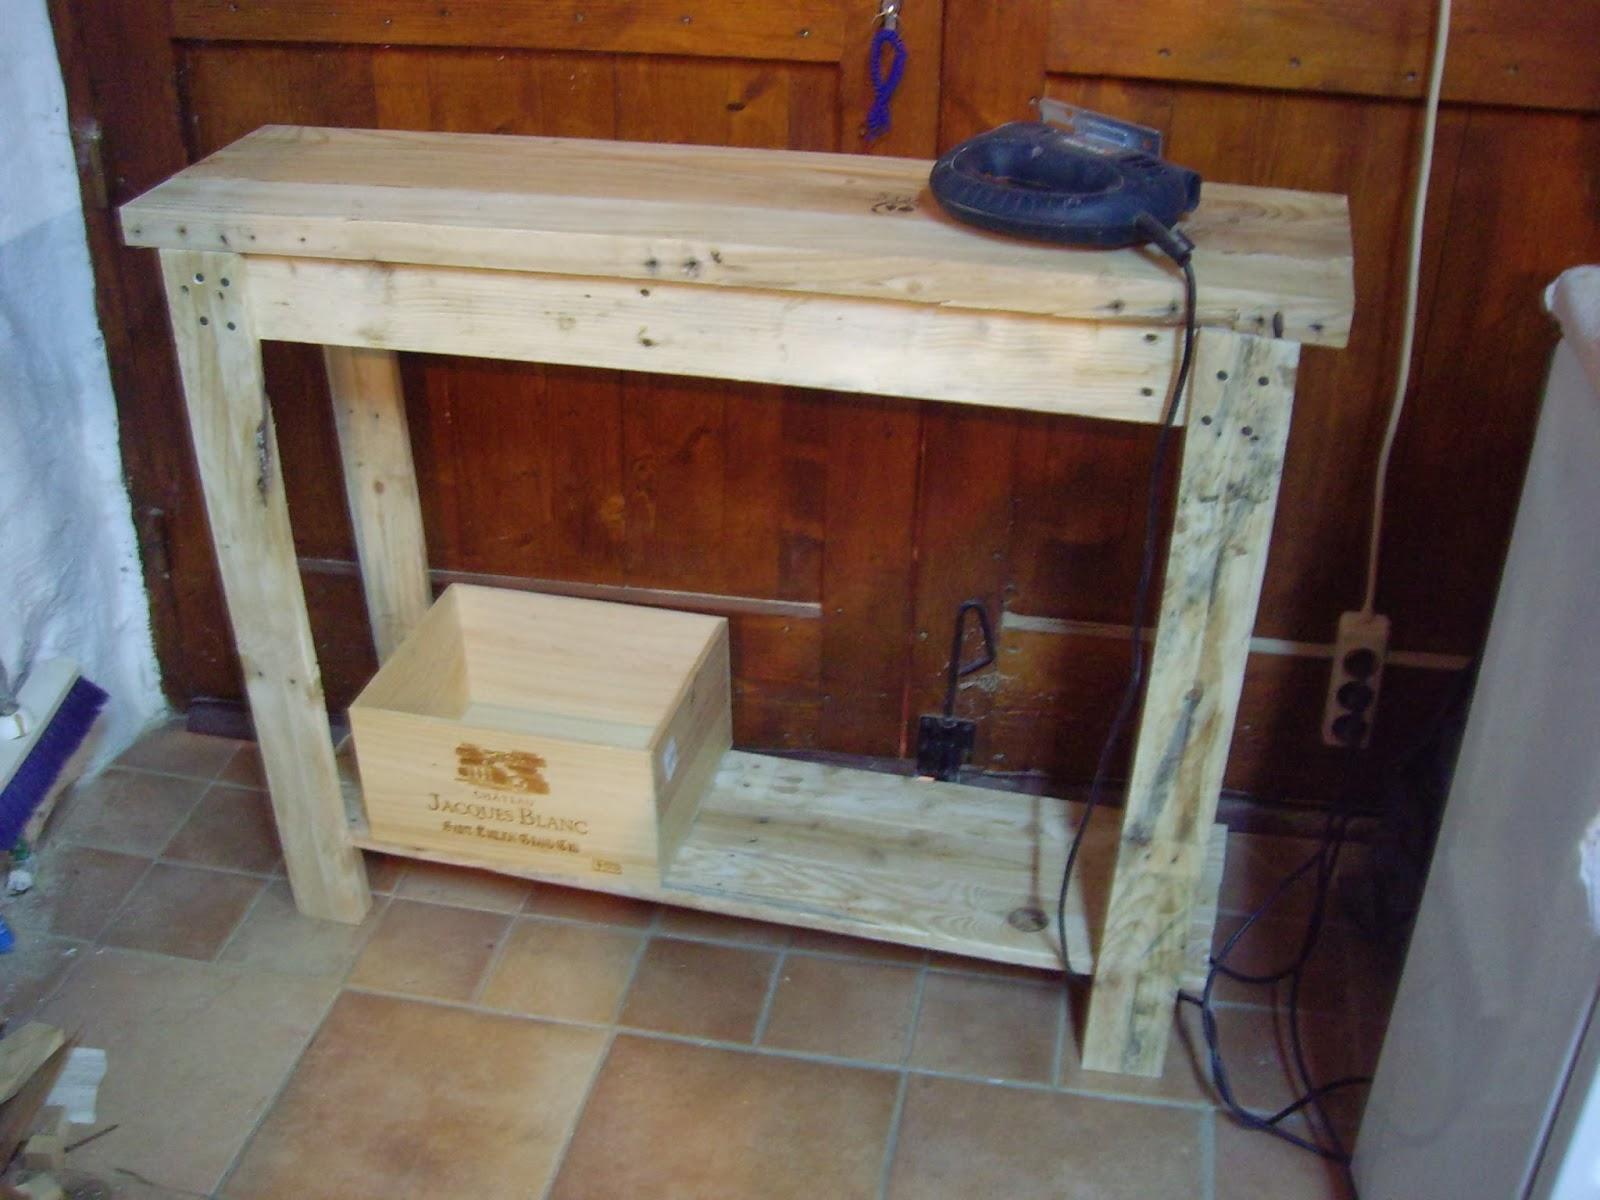 Objets d co tutoriels et meubles en bois de palettes console en bois de palette Meuble en bois de palette